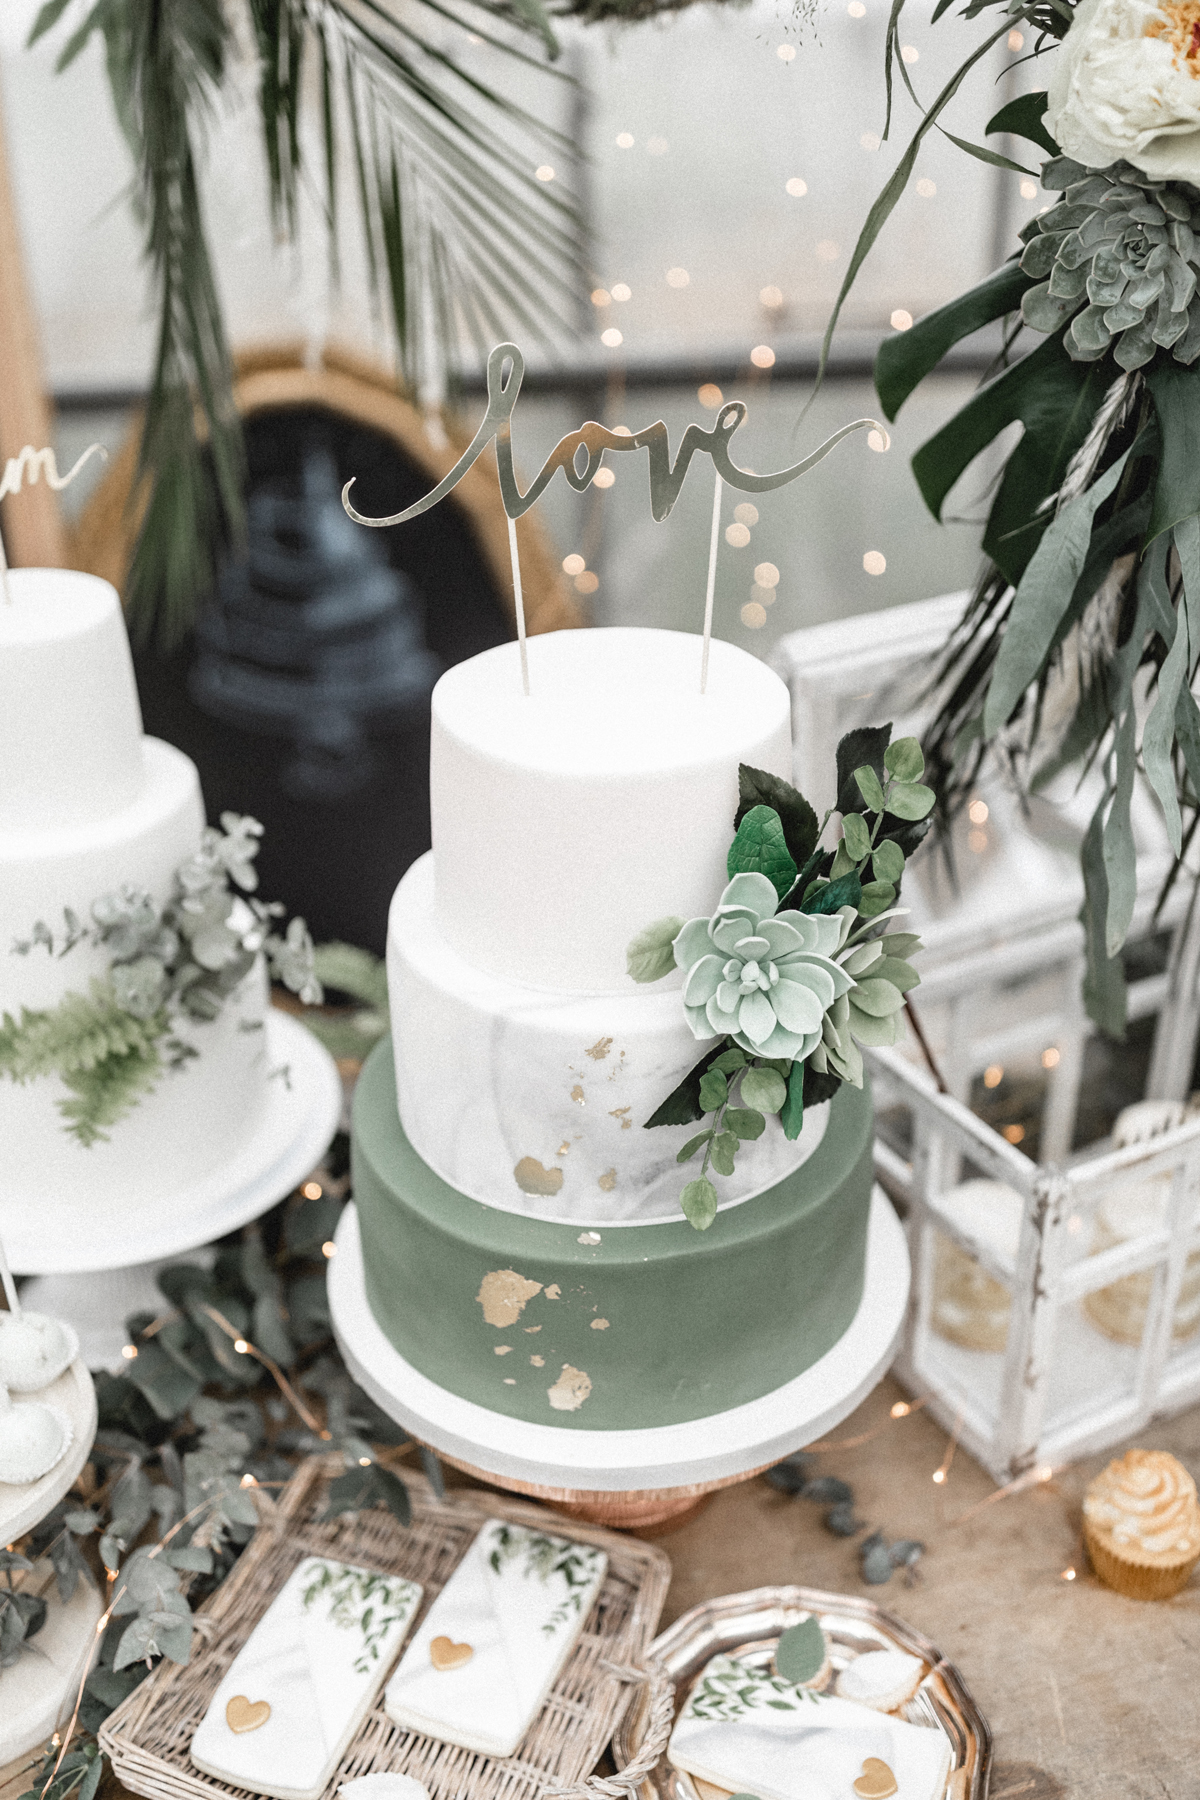 Andreas_Nusch_Hochzeitsfotografie_Brautshooting_2017_JA-Hochzeitsshop_0151